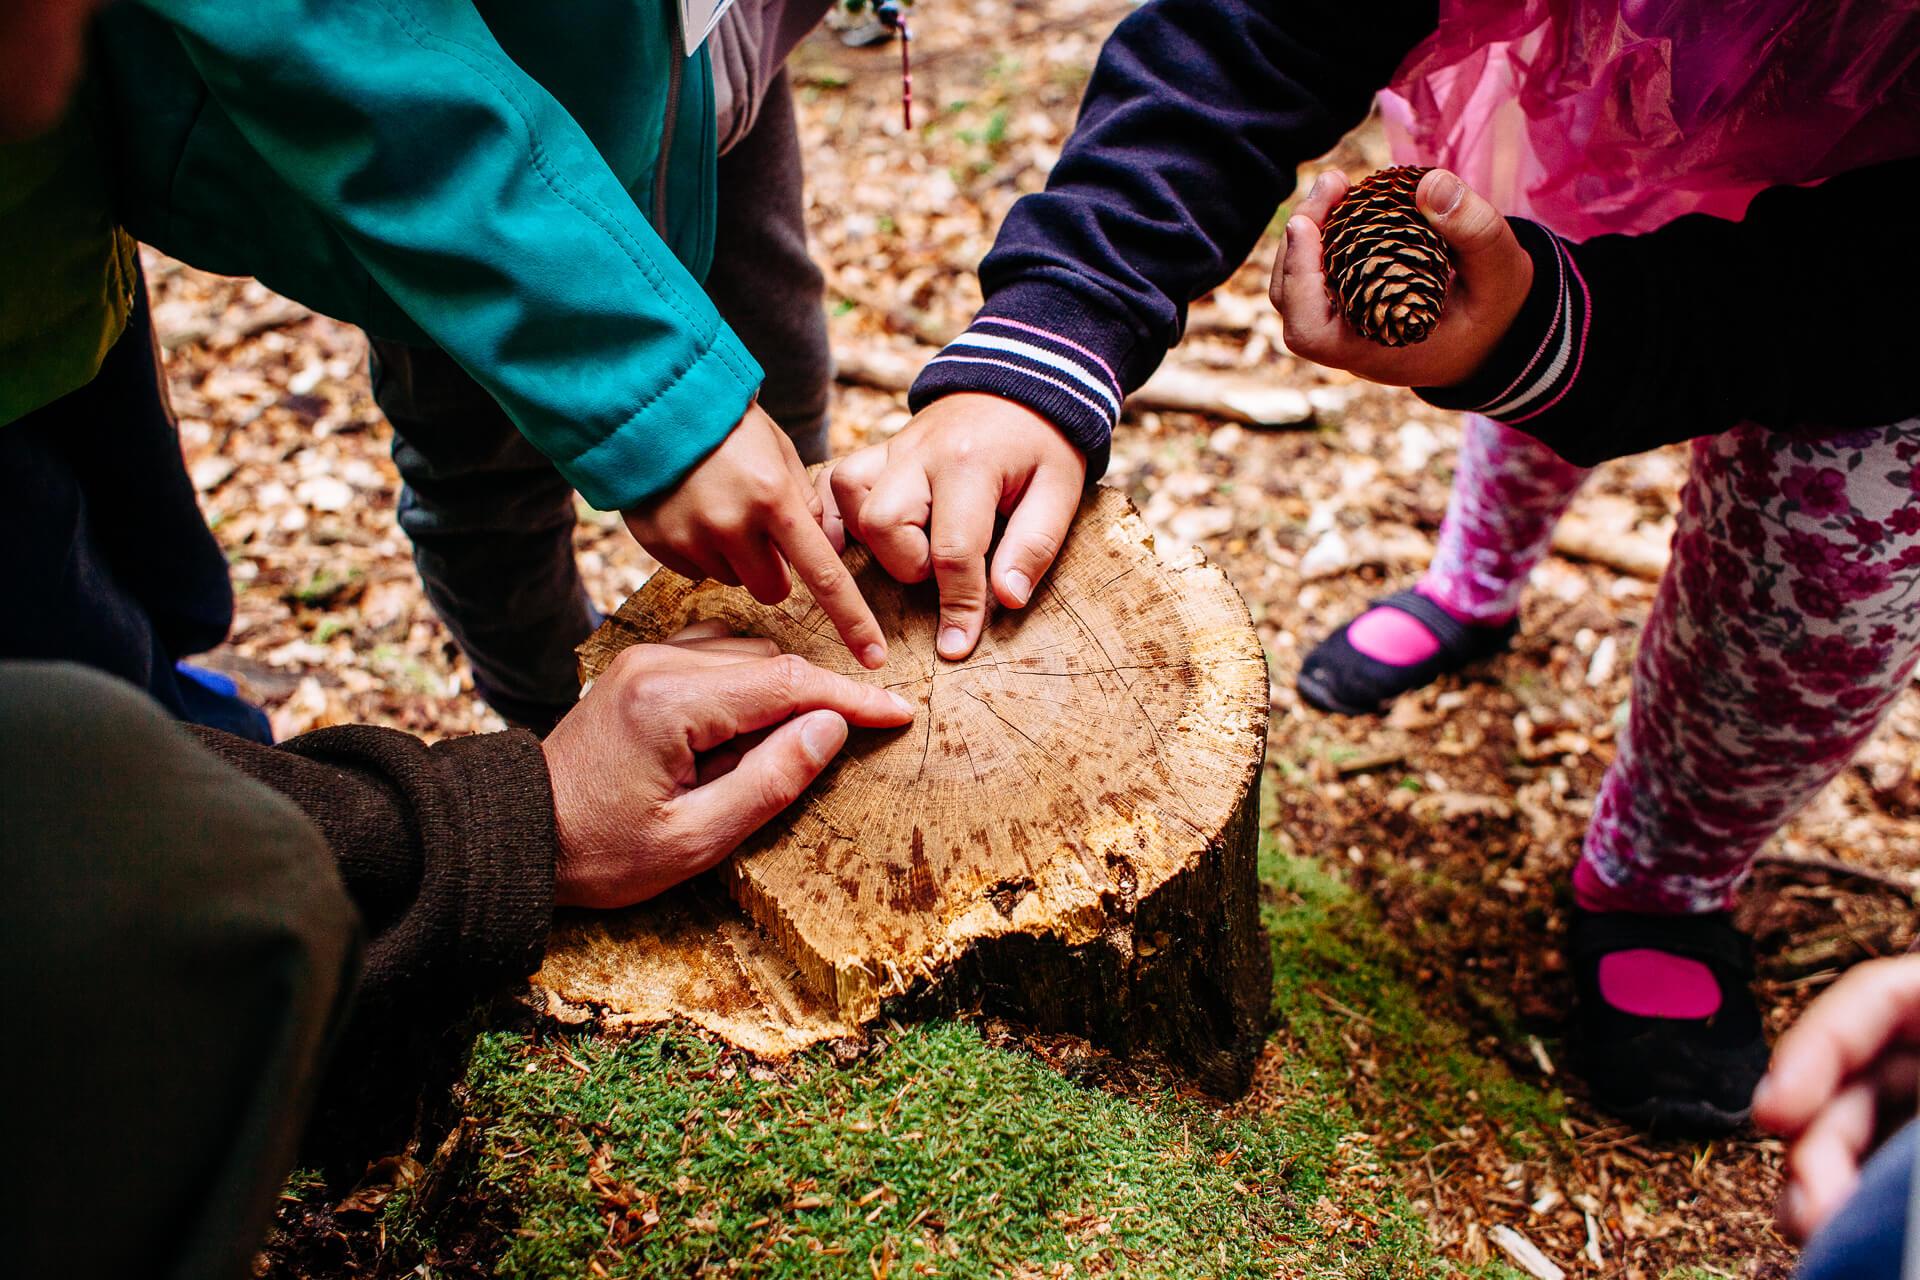 Marszewo sciezki przyrodnicze nature trail - Nature trails in Pomorskie: take a stroll and learn something new